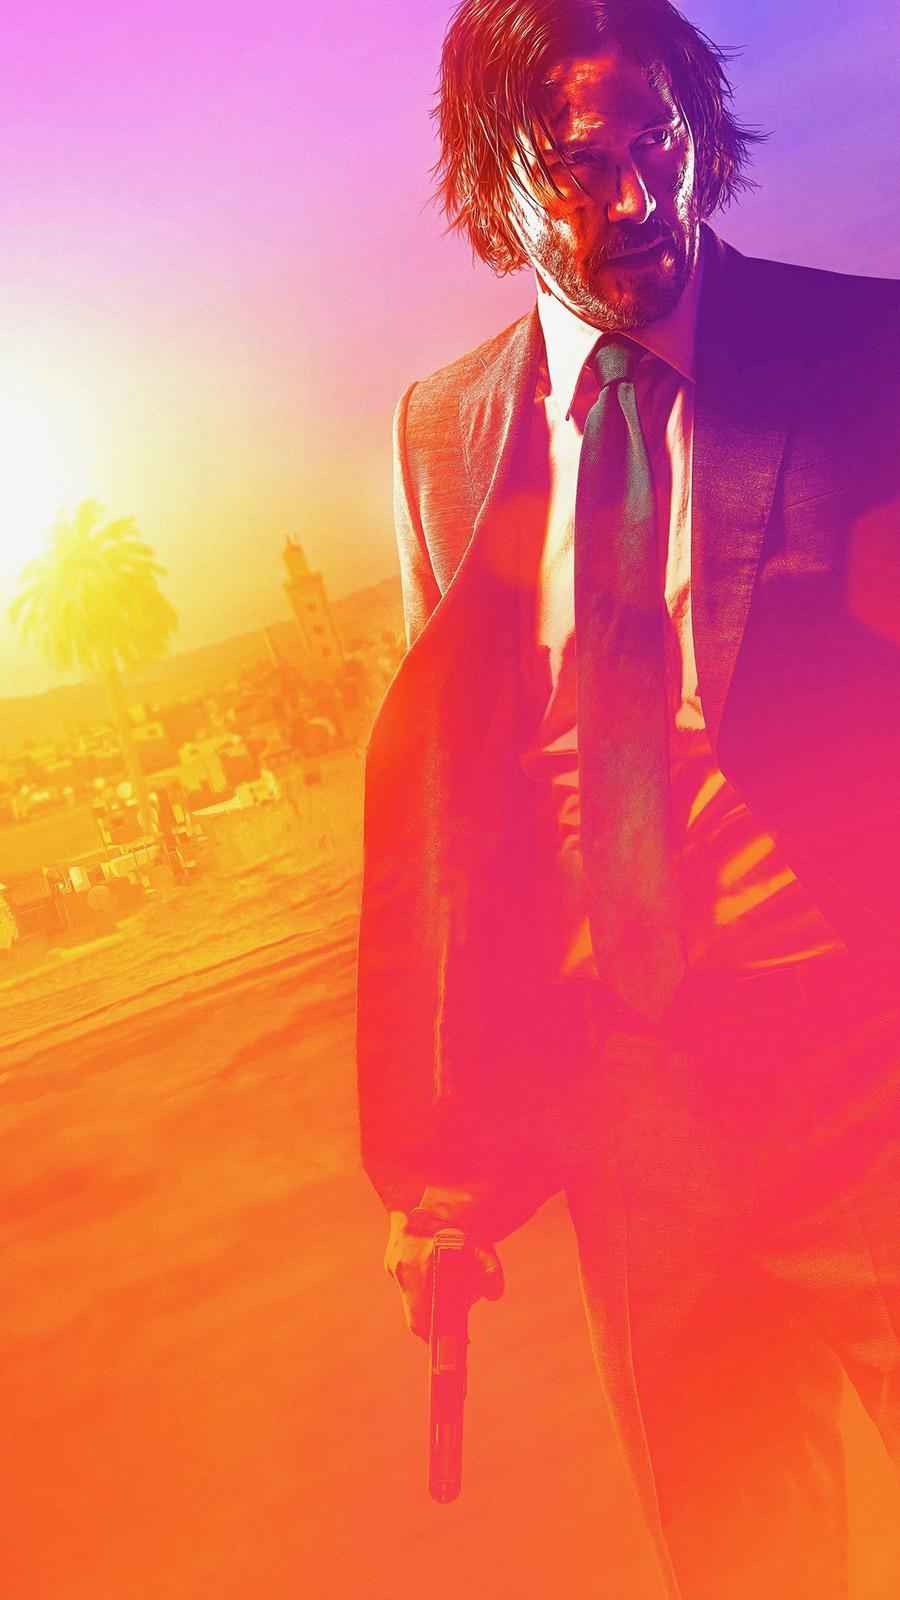 John Wick 3 é a principal estreia da semana nos cinemas